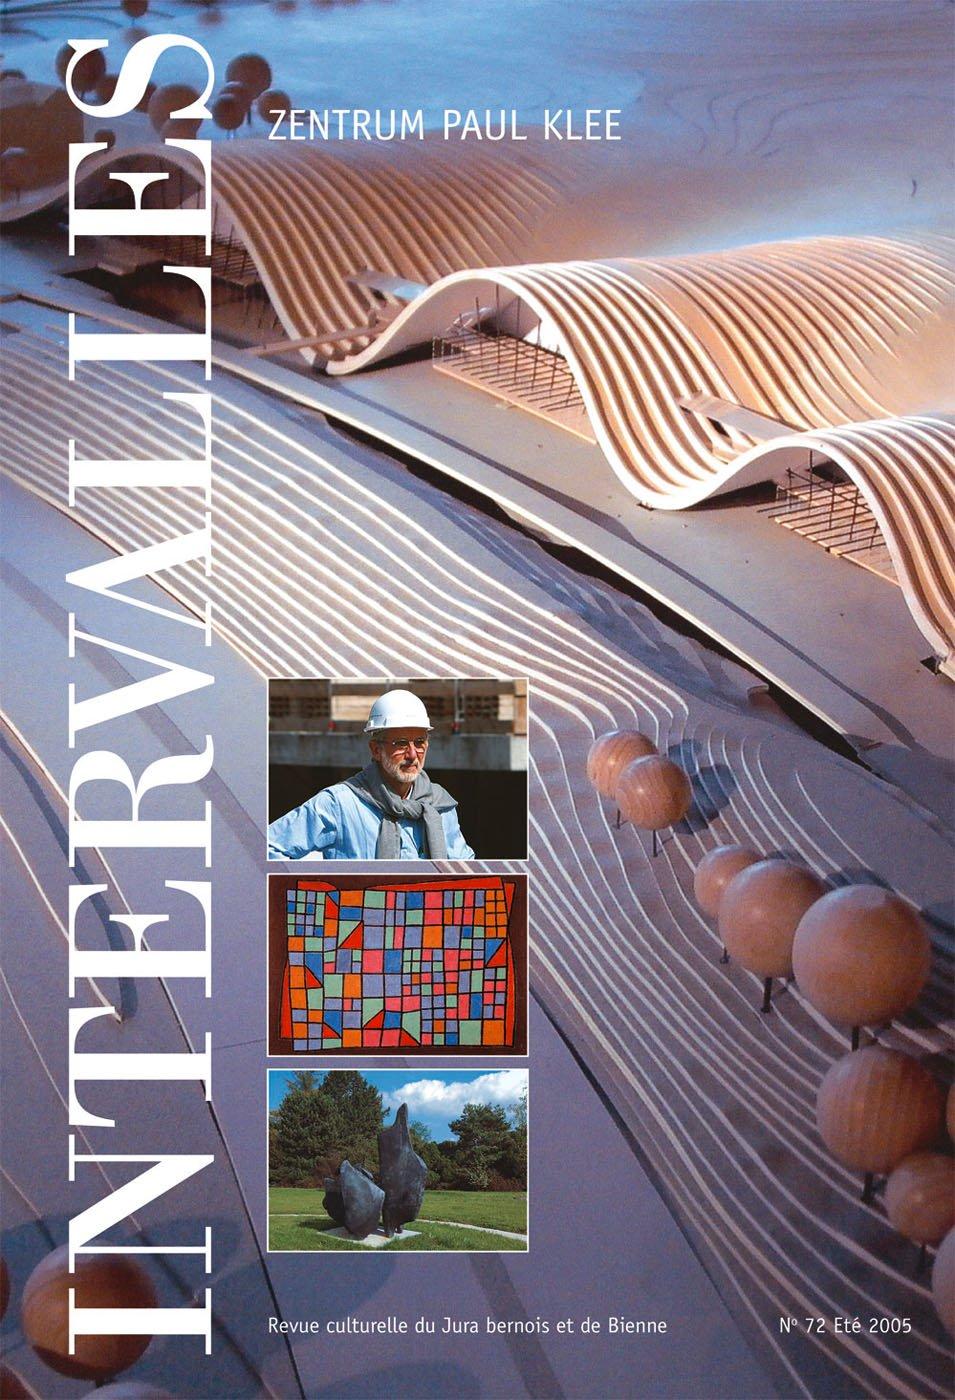 No 72 – Zentrum Paul Klee